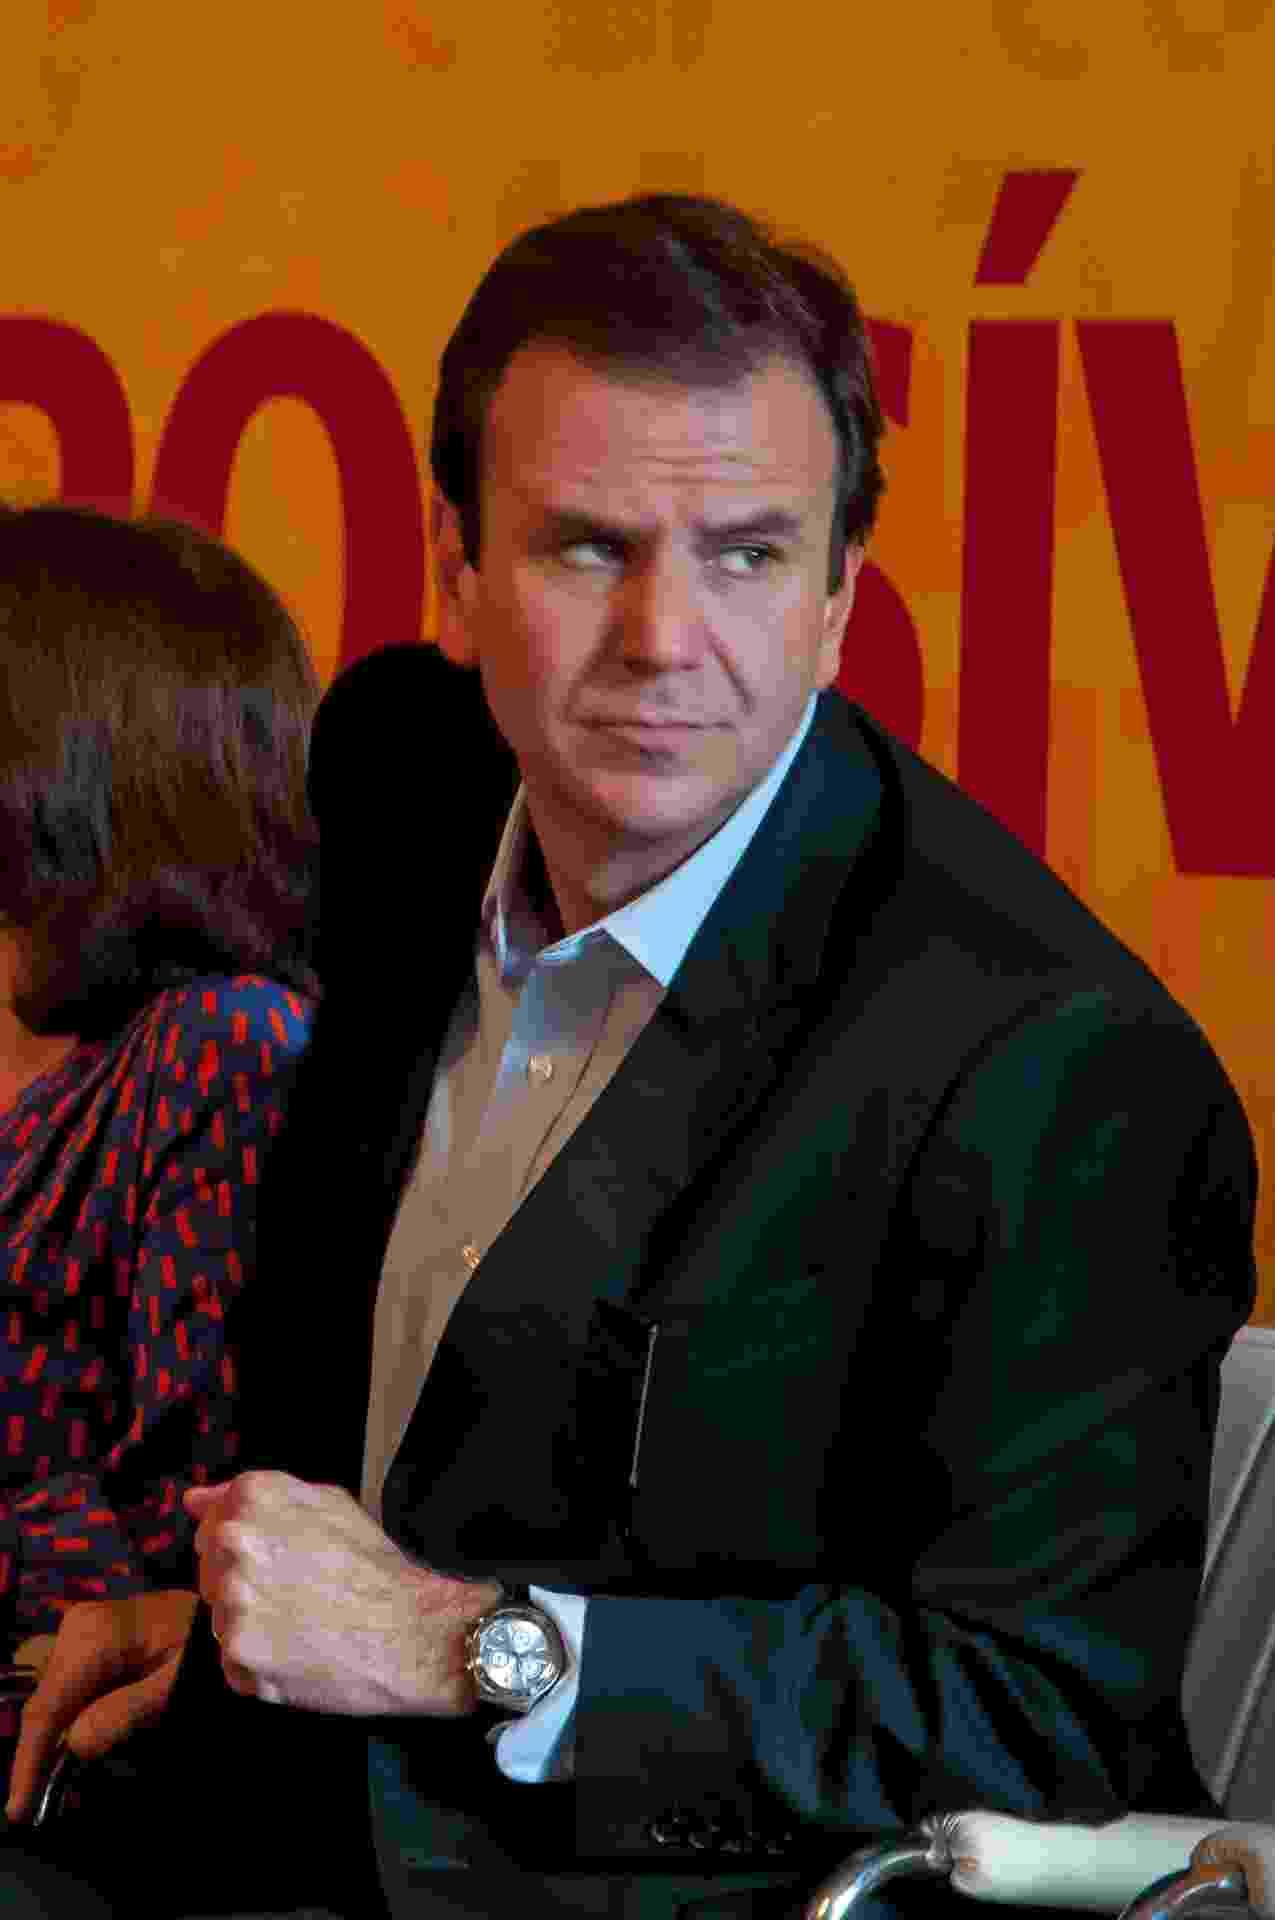 """26.mai.2013 - O prefeito do Rio de Janeiro, Eduardo Paes, foi acusado de agredir o músico e escritor Bernardo Botkay em um restaurante no Jardim Botânico, zona sul da capital fluminense, na noite de sábado (26). Paes estava jantando com a mulher e um grupo de amigos quando o escritor e a esposa o xingaram. Em nota, Paes confirmou ter se envolvido em um """"desentendimento físico"""", disse ter sido xingado de ?bosta e vagabundo? e pediu desculpas à população pela maneira como agiu - Erbs Jr./Frame/Estadão Conteúdo"""